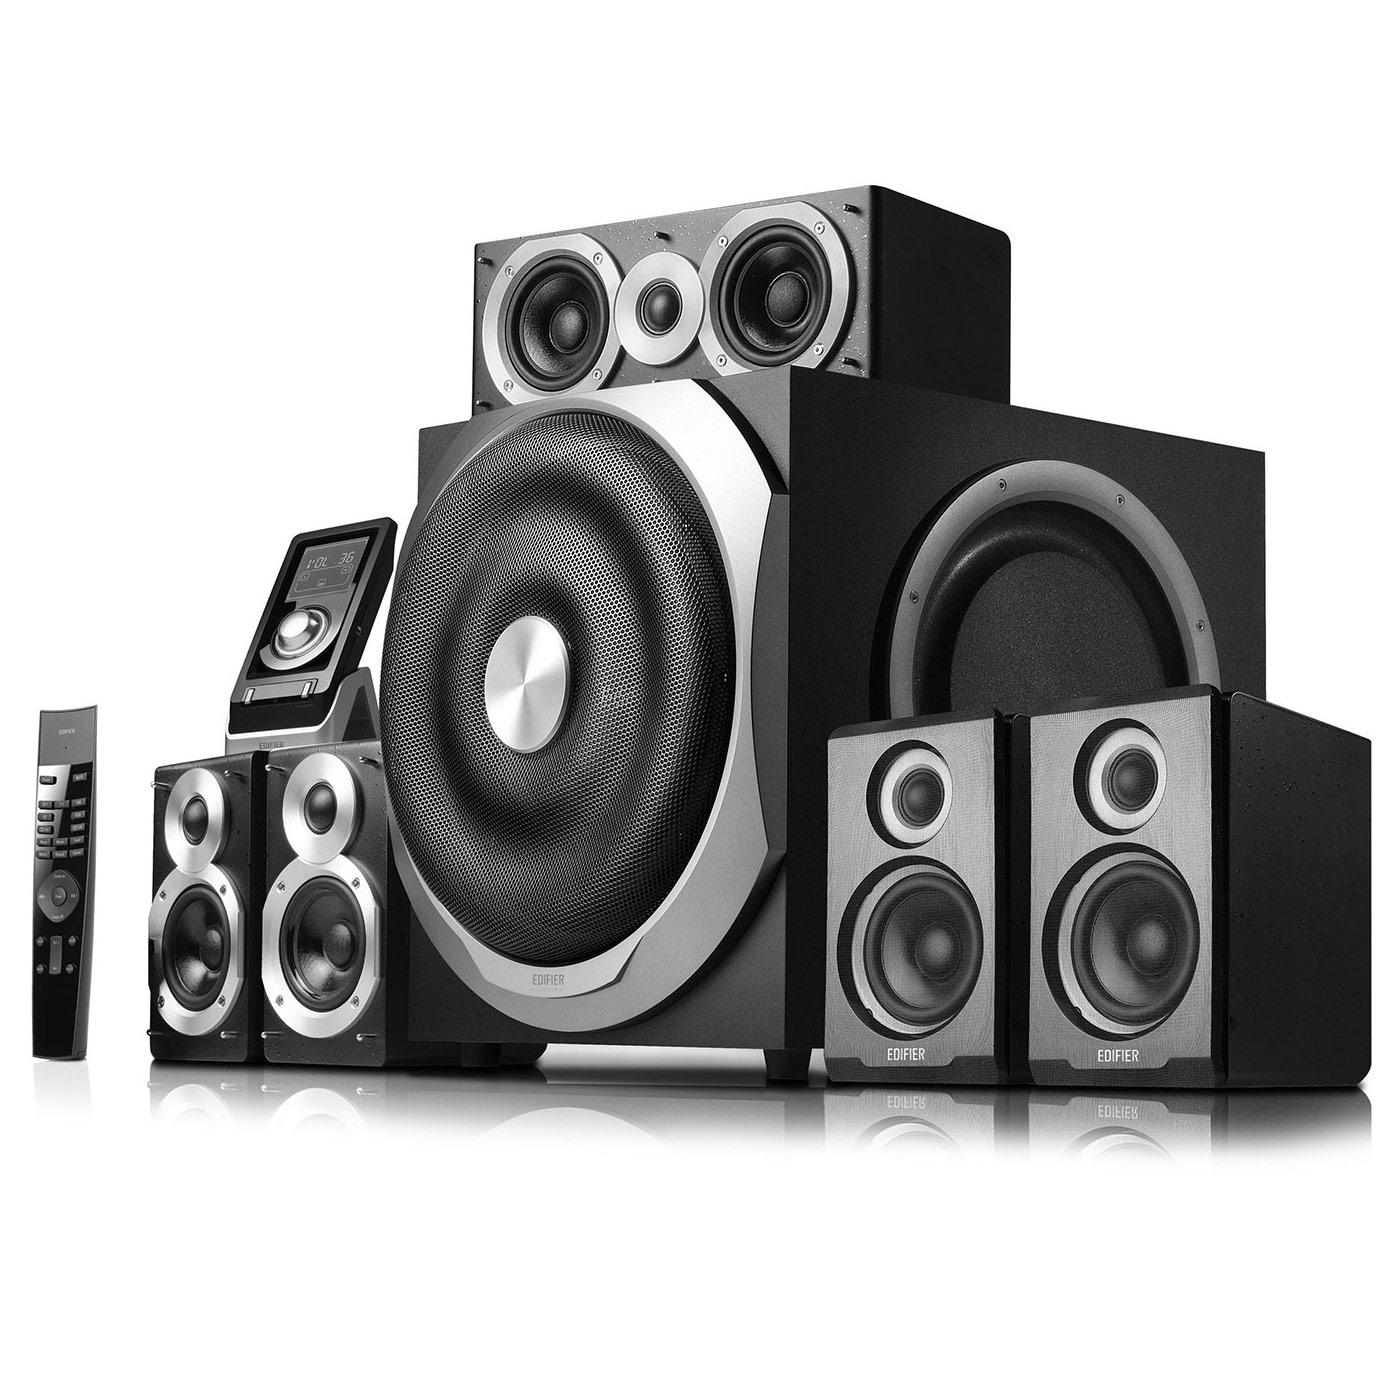 Ensemble home cinéma Edifier S760D Ensemble home cinéma 5.1 Dolby Digital / Dolby Pro Logic II / DTS